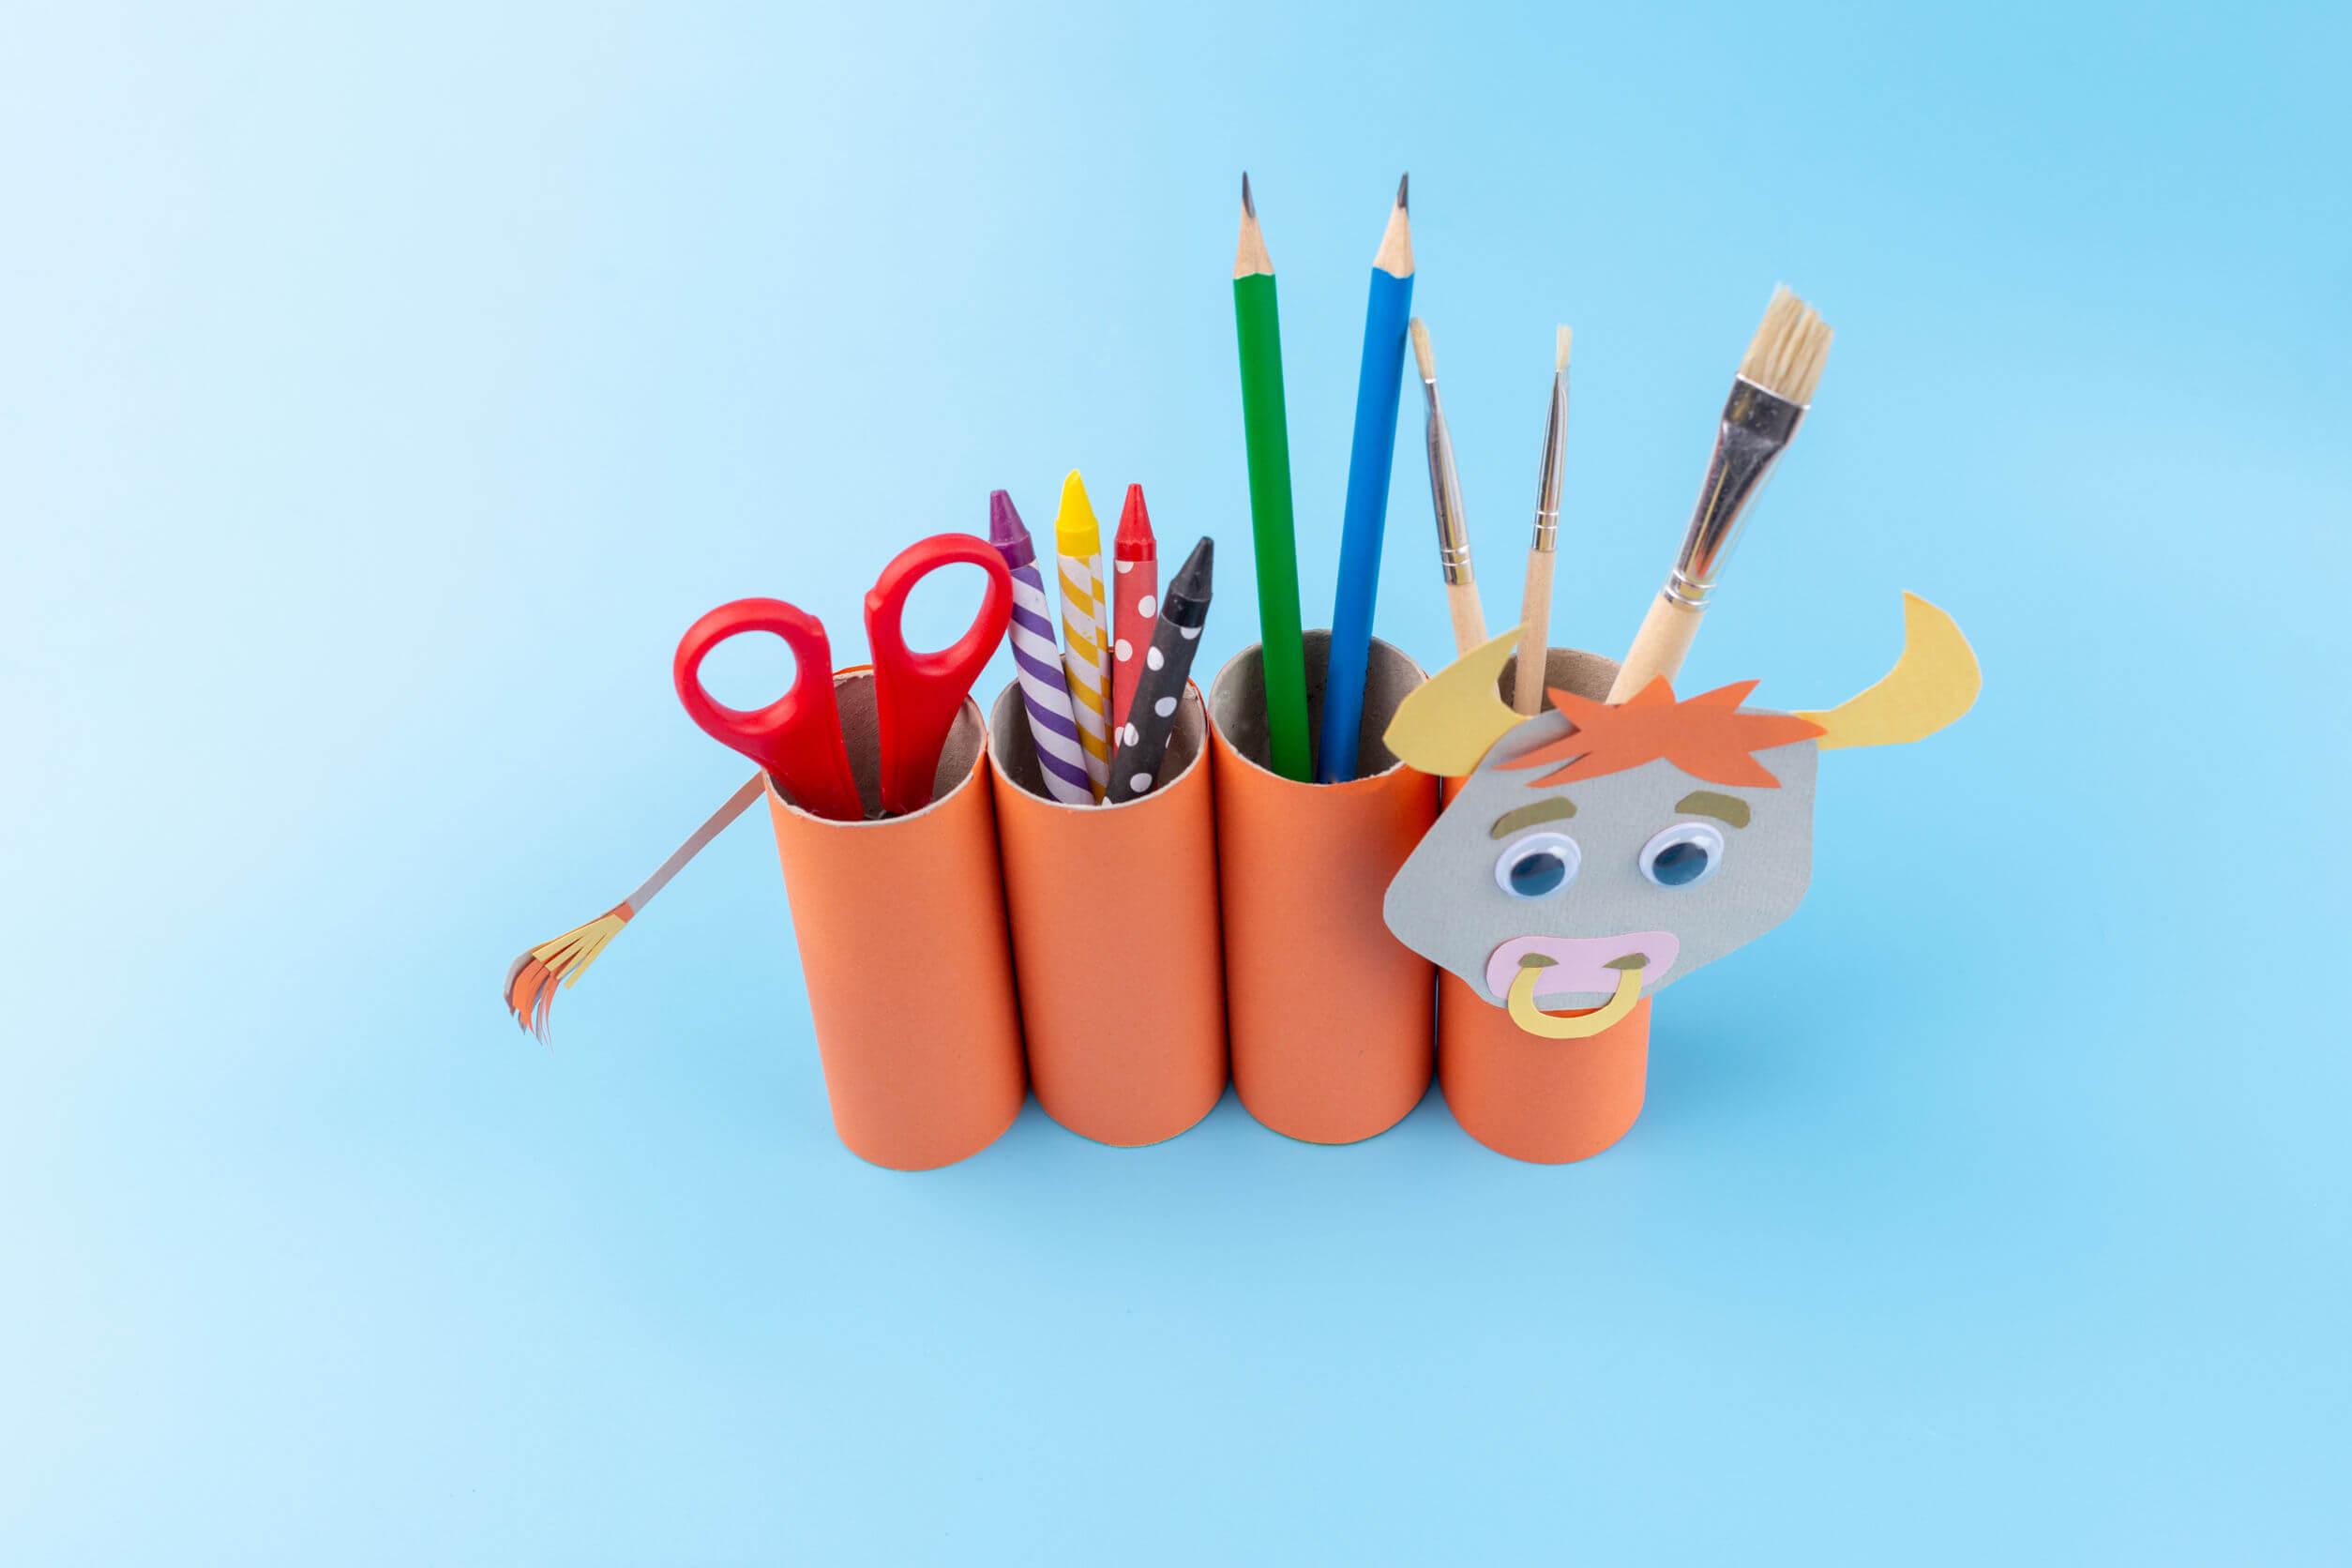 Organizador, una de las manualidades hechas con rollos de papel higiénico.